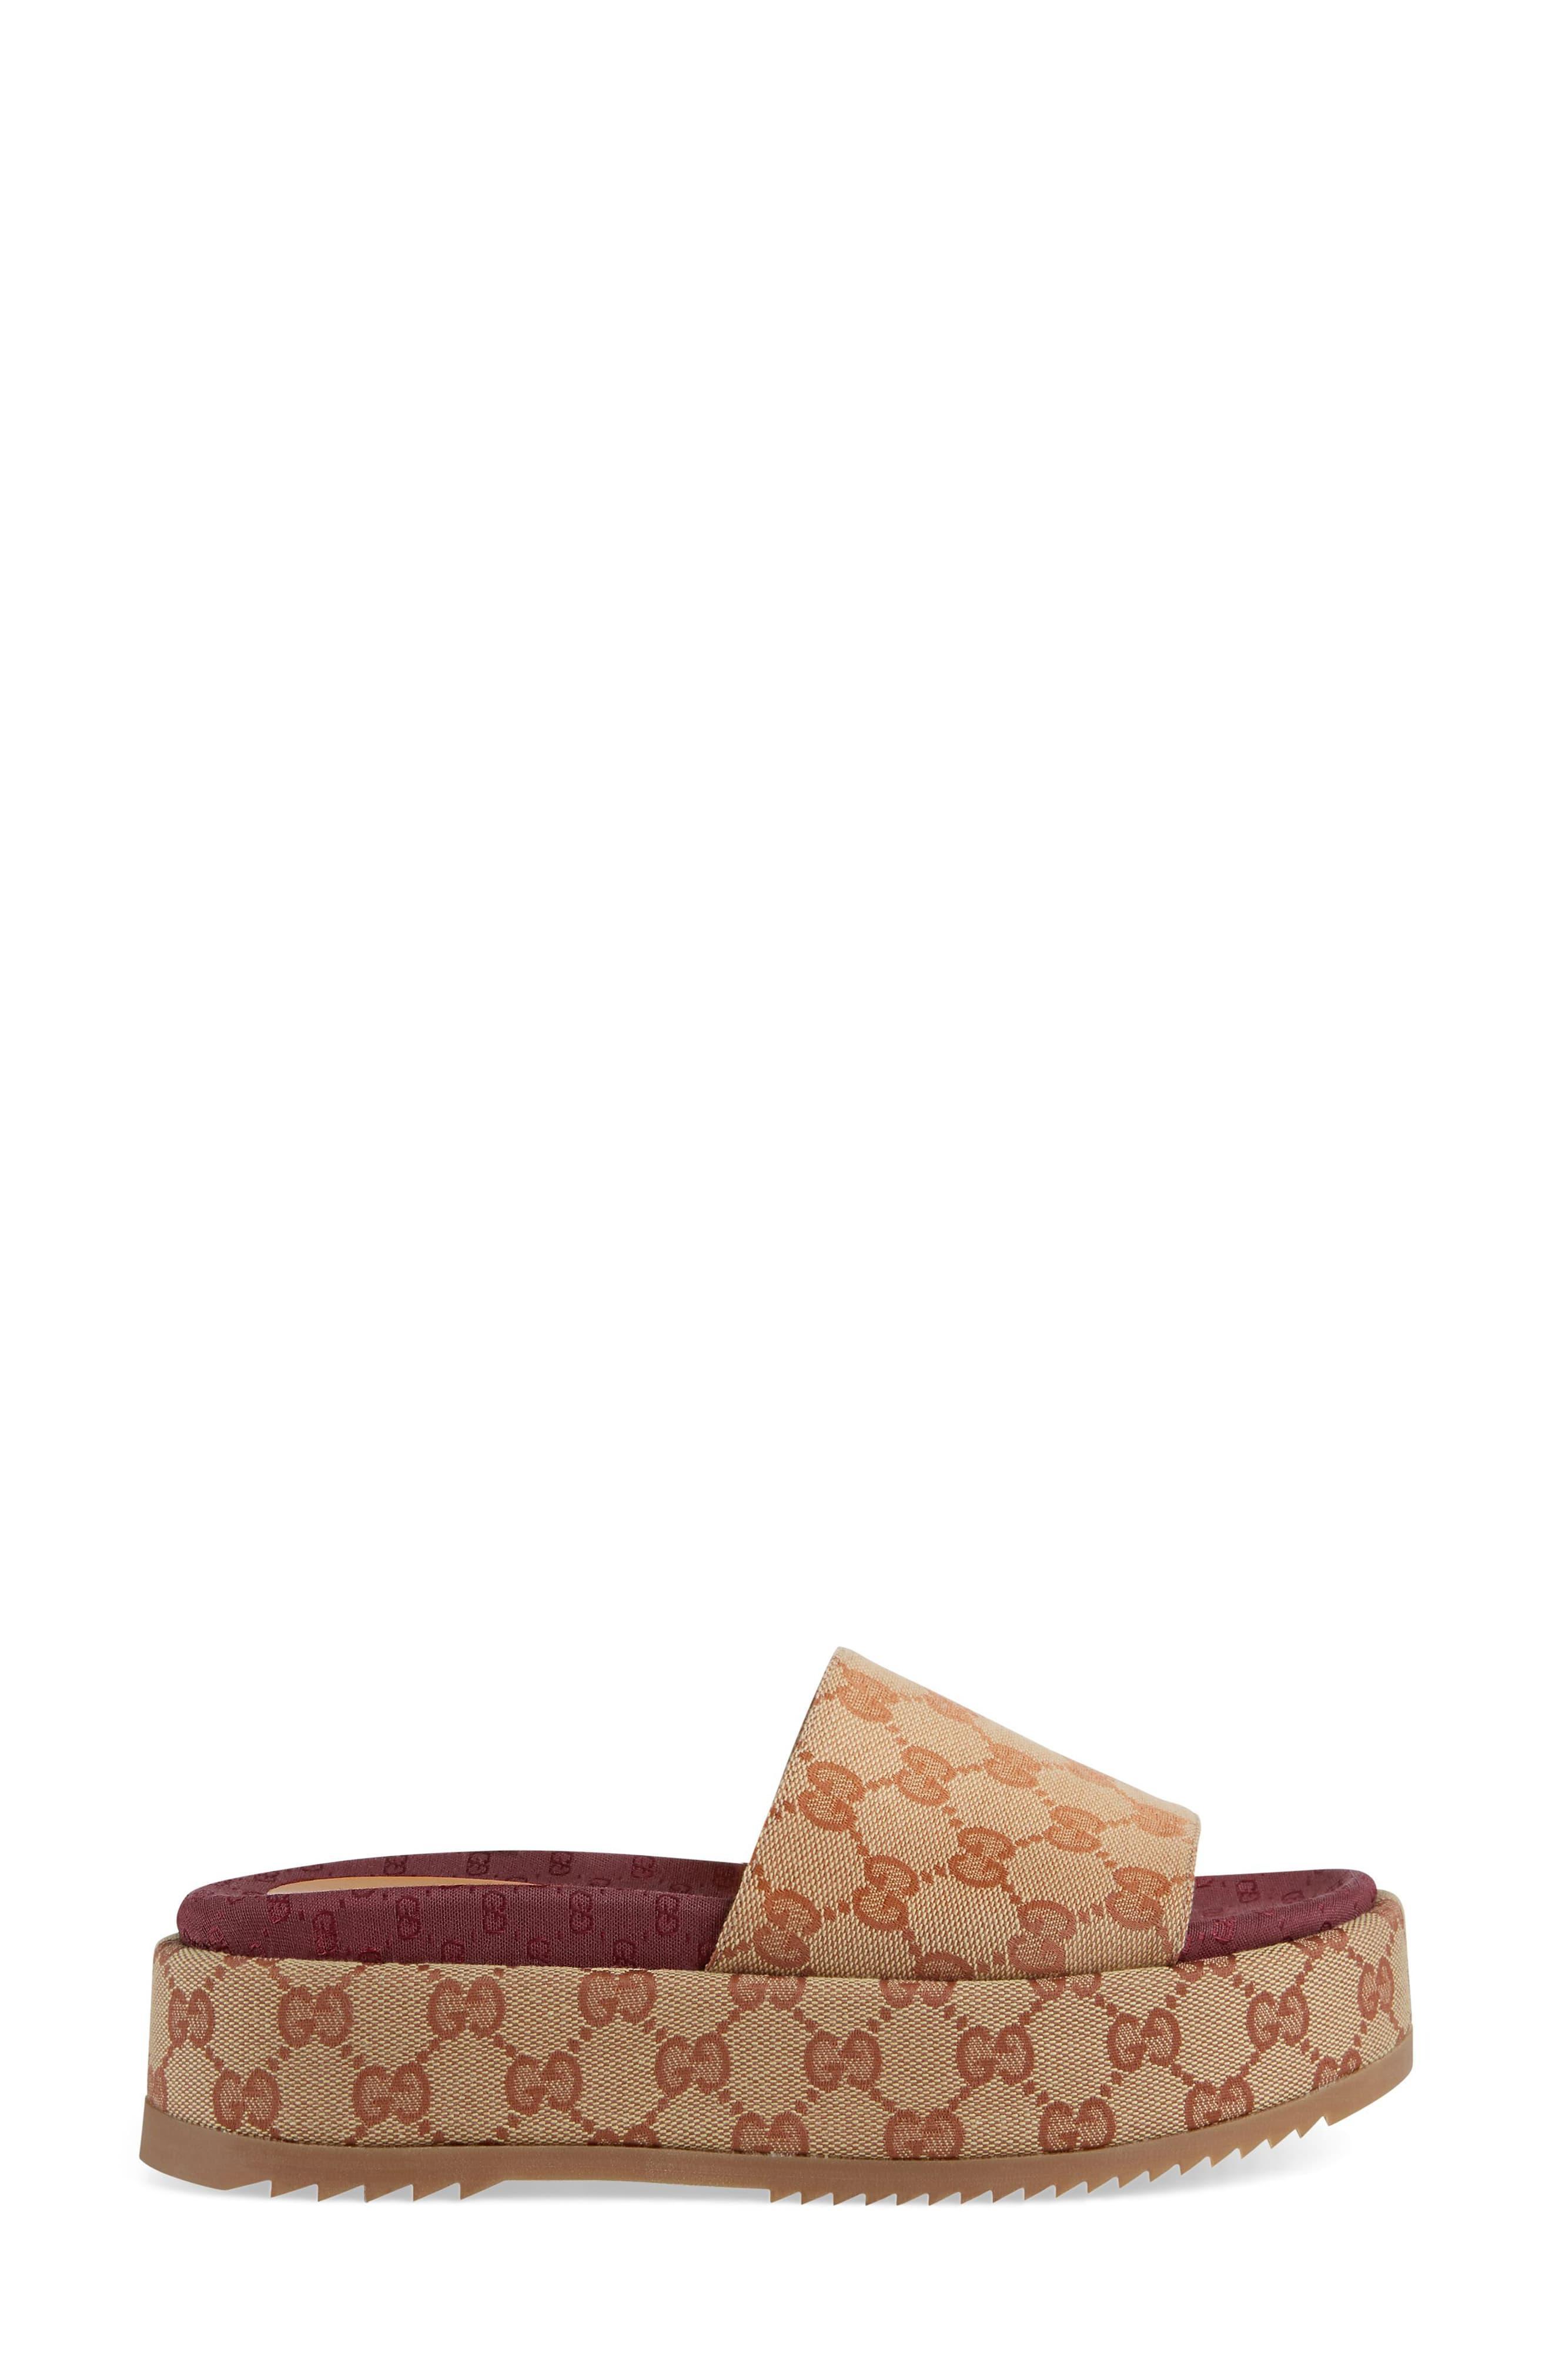 2d4da0684 Gucci Angelina Gg Supreme Platform Slide Sandal in Natural - Lyst